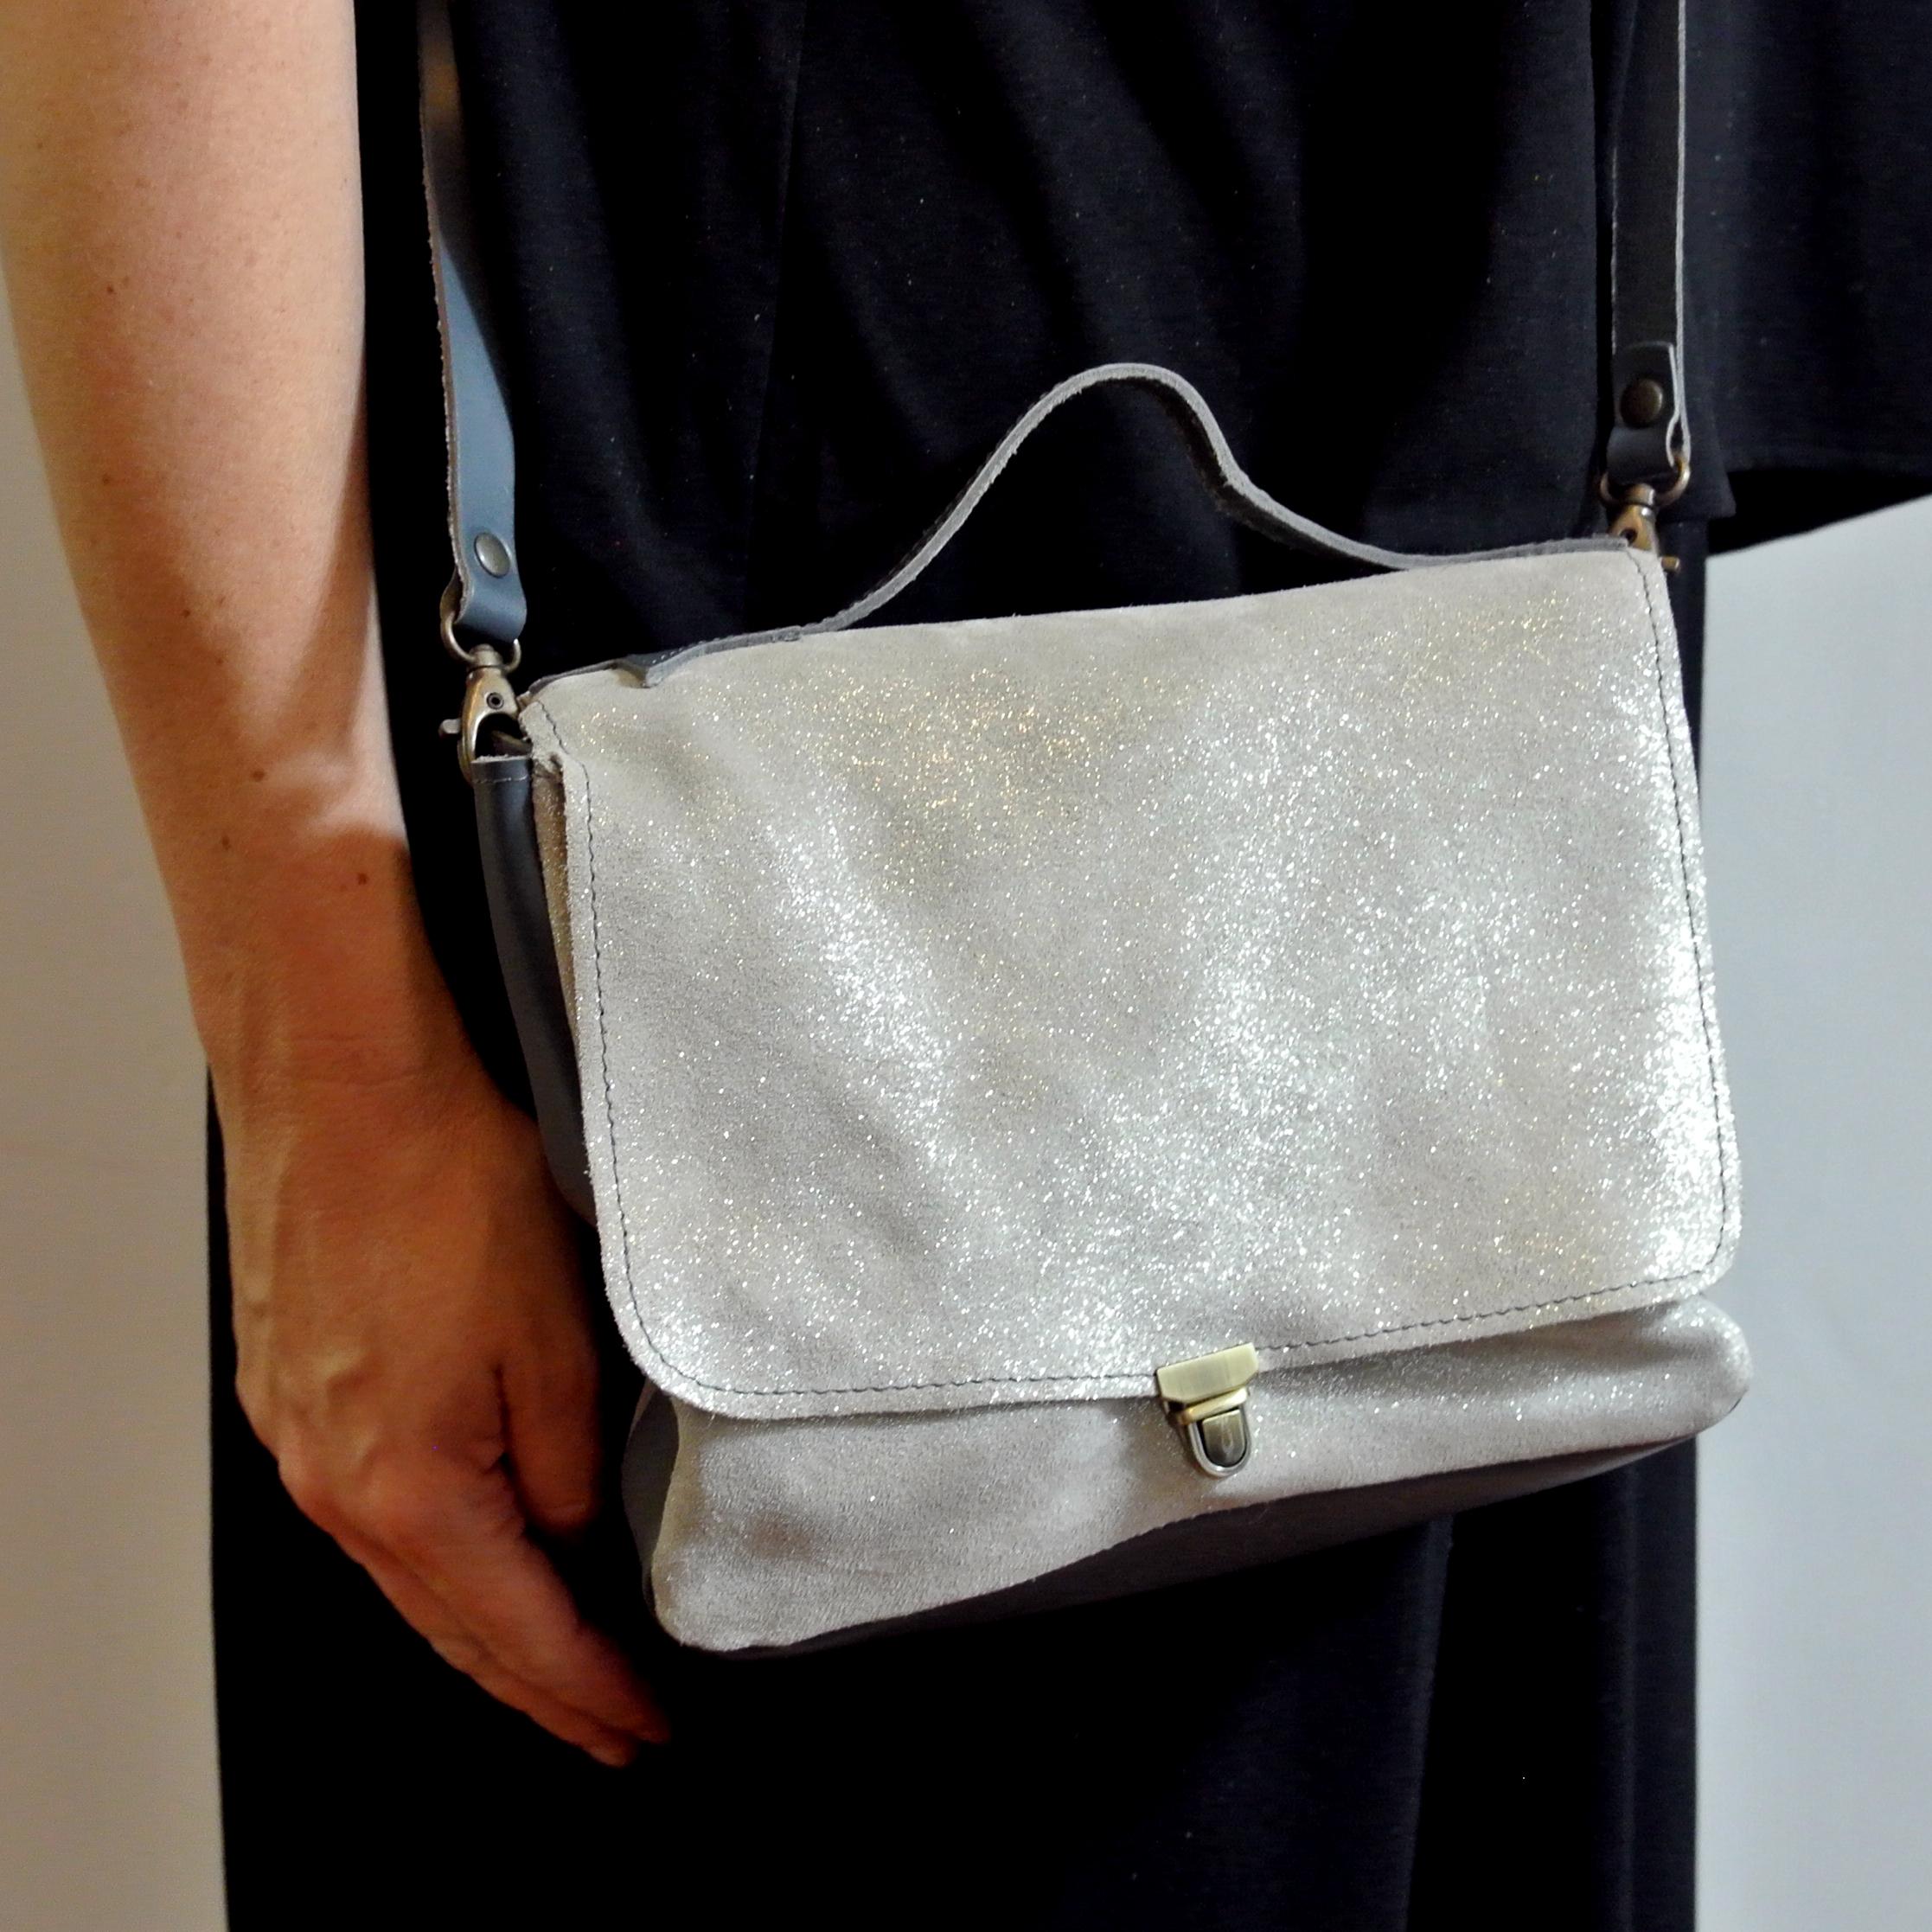 Sac mini écolière en cuir pailleté, sac cartable, made in france, La Cartablière